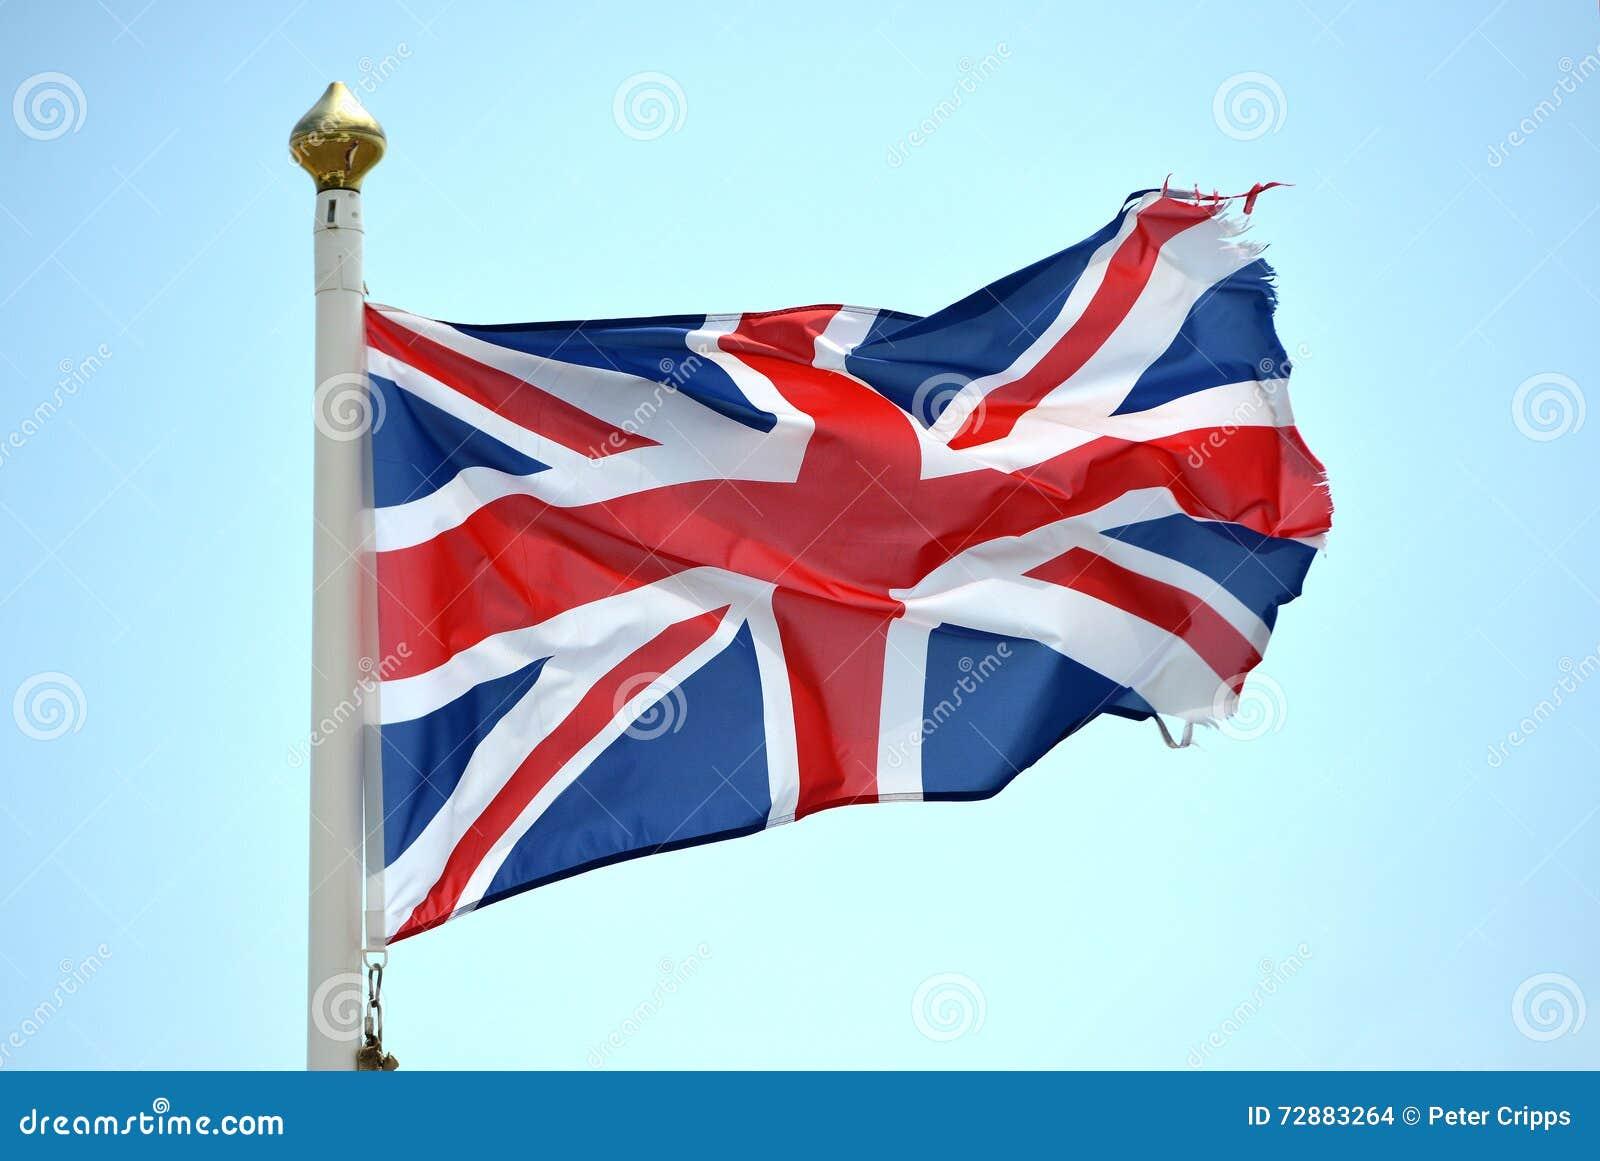 被撕碎的英国国旗